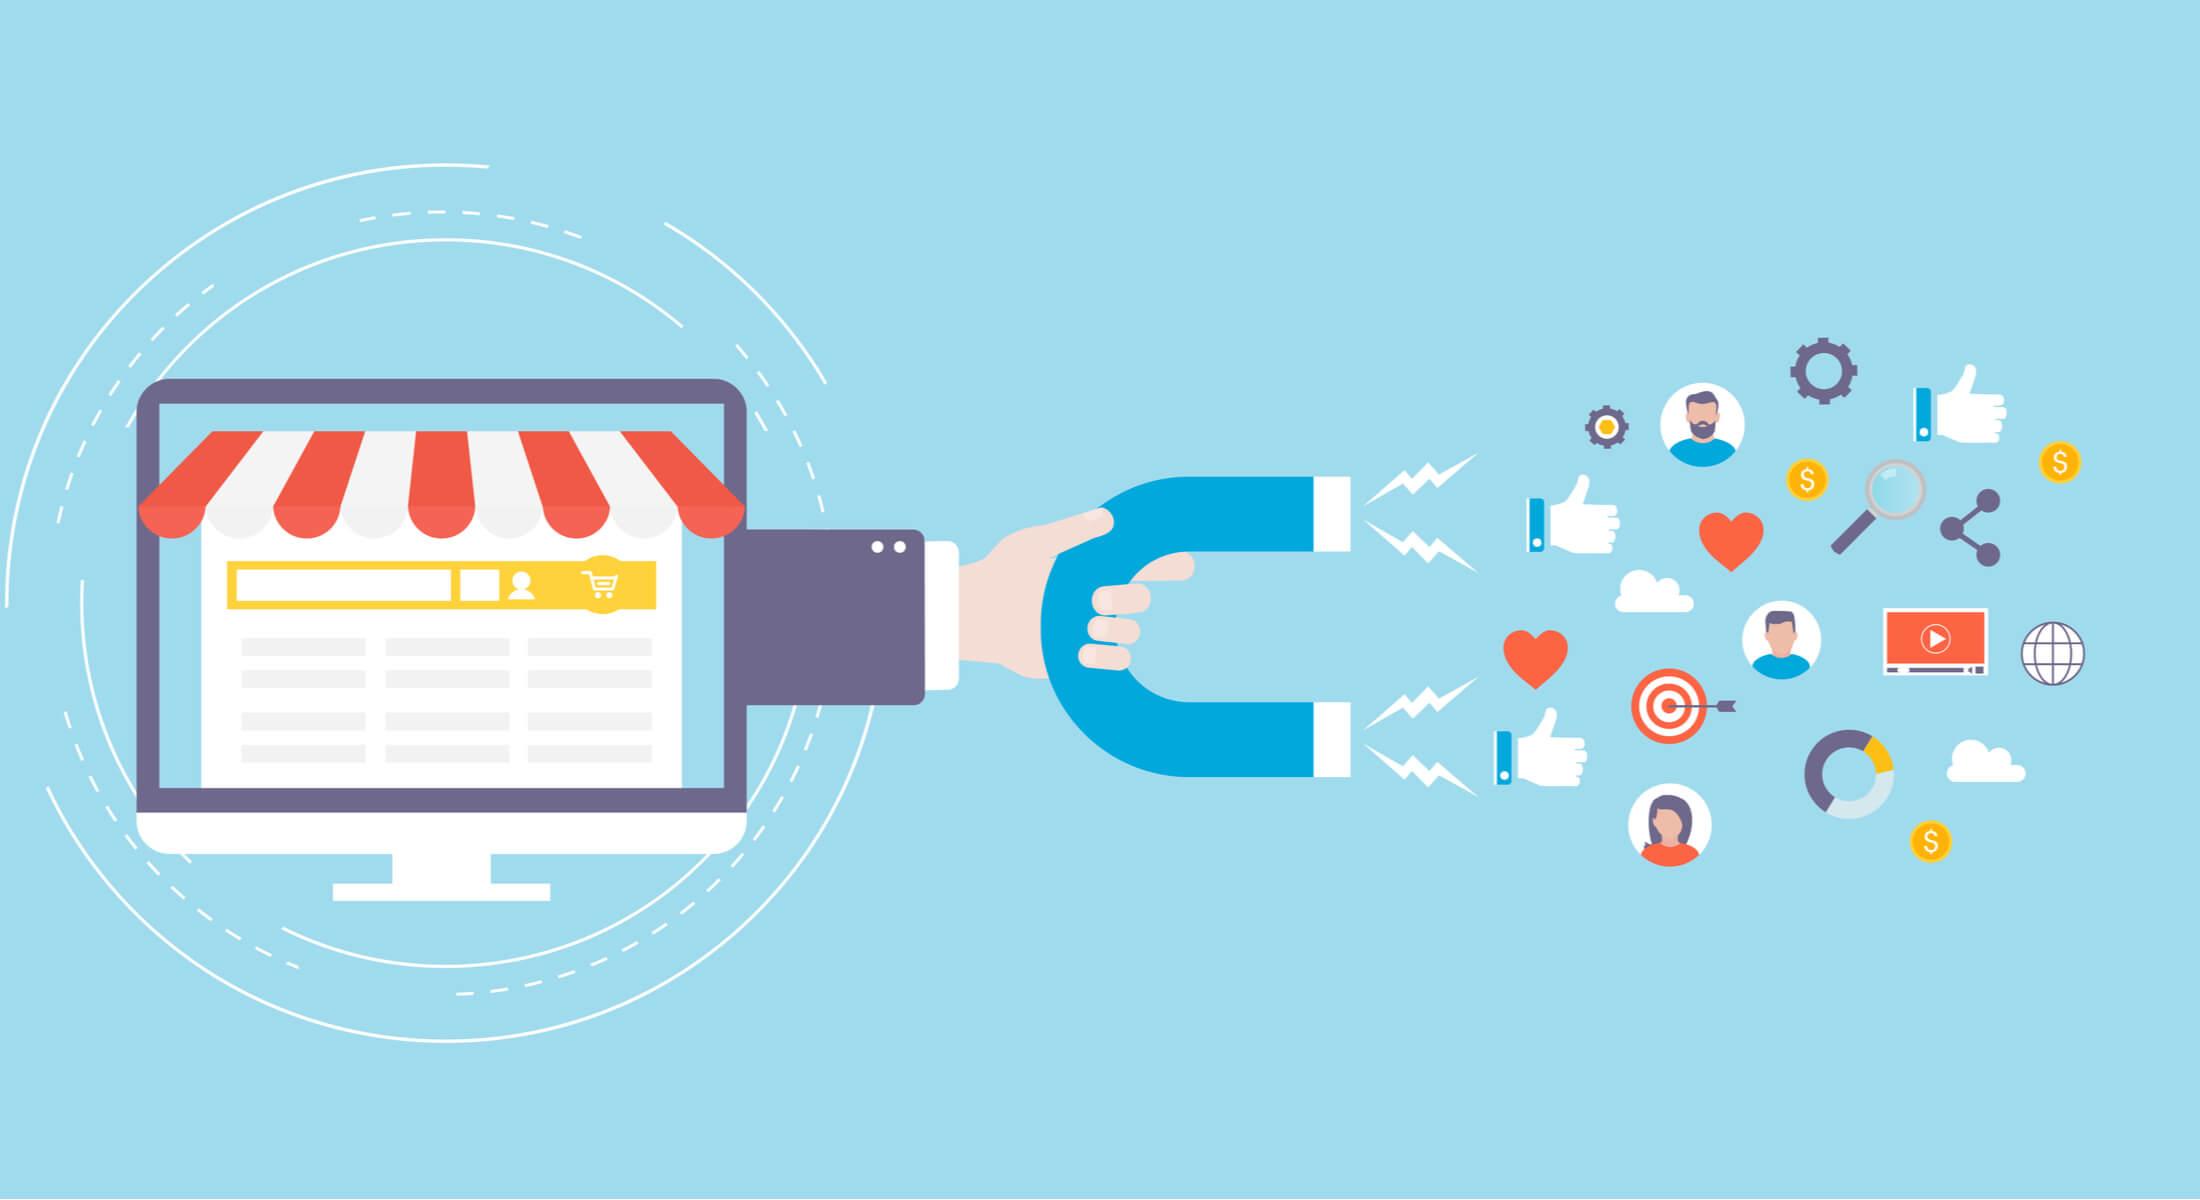 ilustração sobre vendas e atração de clientes